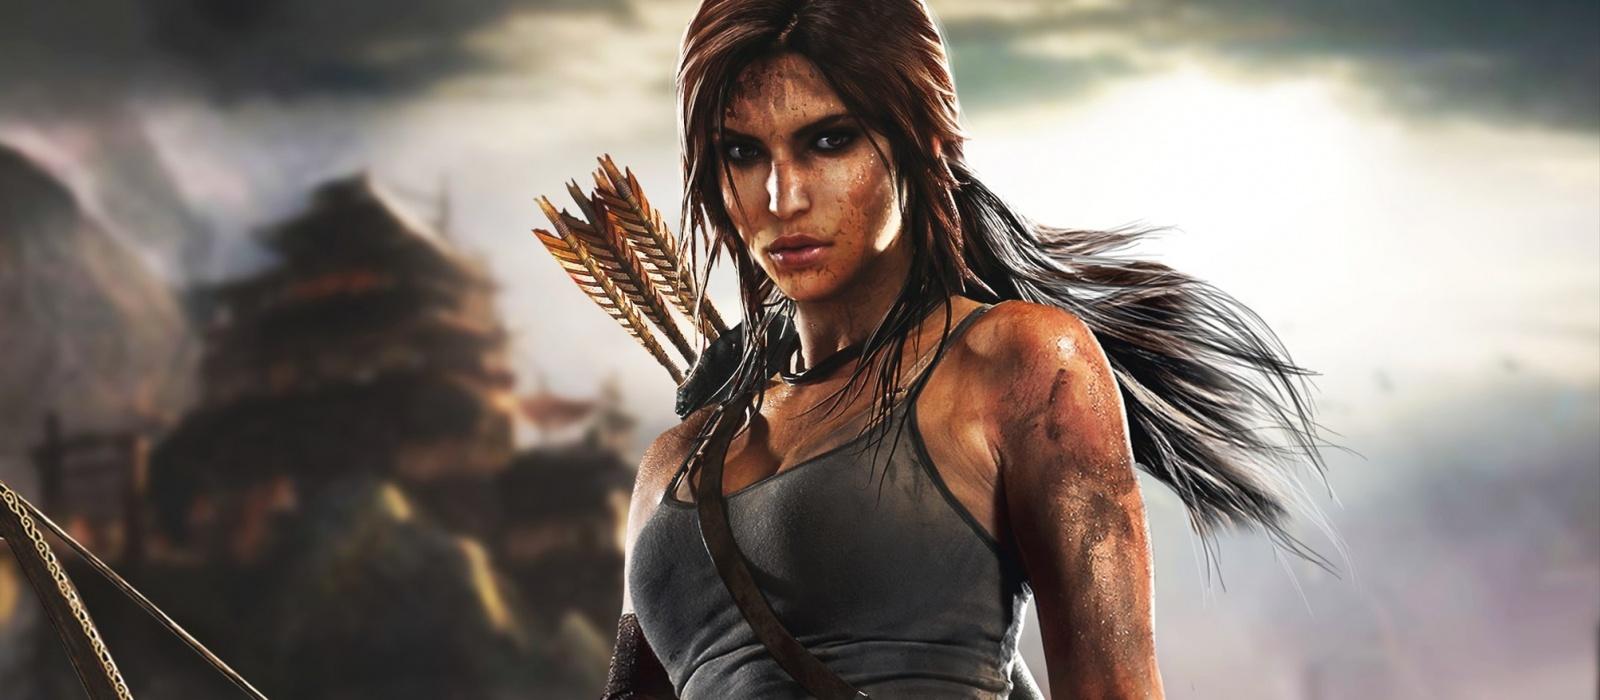 """""""Lara Croft 2"""" wird von einer schwarzen Regisseurin inszeniert.  Sie hat das Drehbuch bereits geschrieben und den Titel der Fortsetzung bekannt gegeben."""